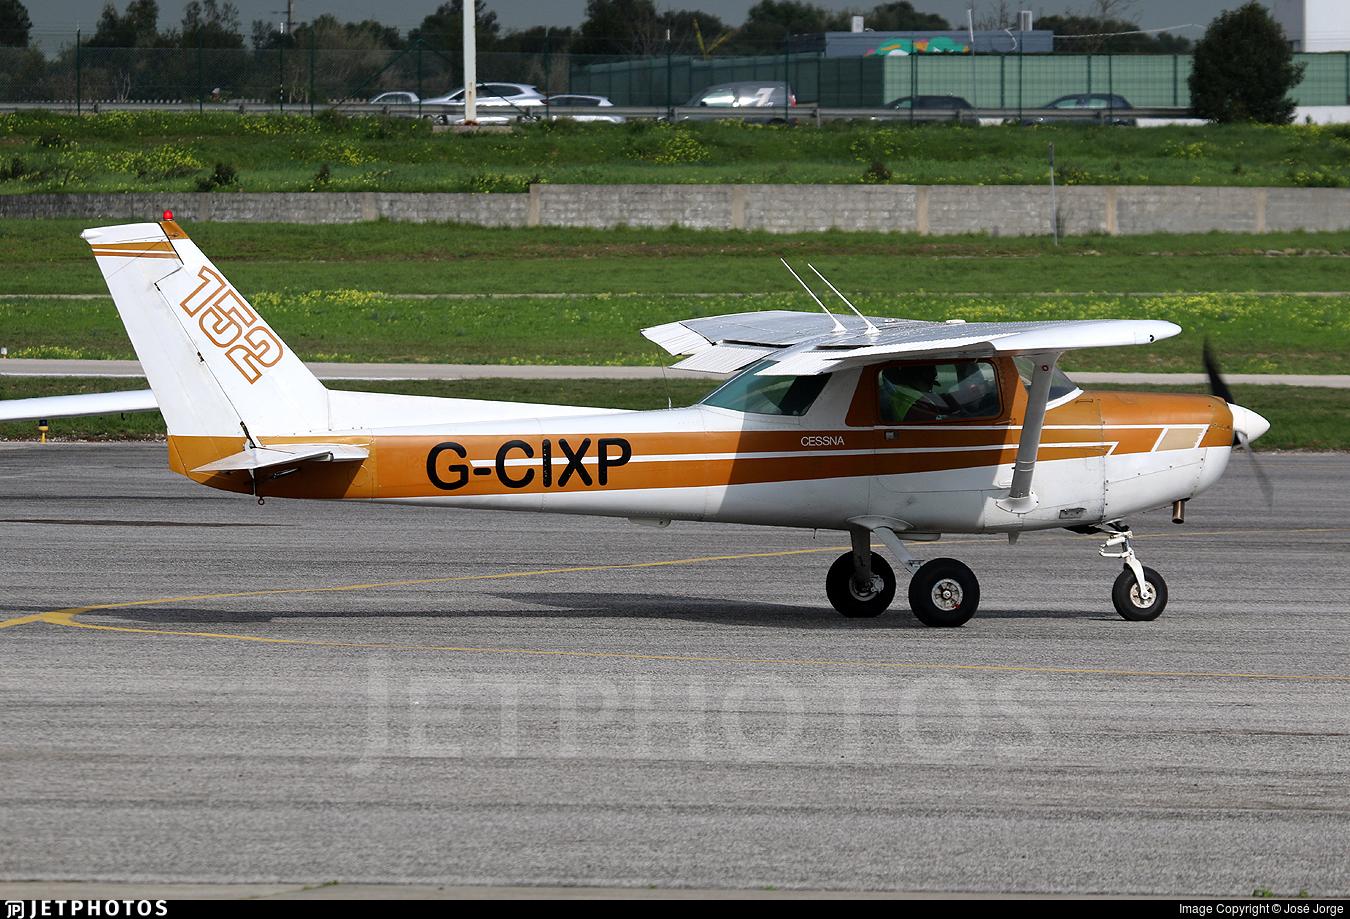 G-CIXP - Cessna 152 - Private